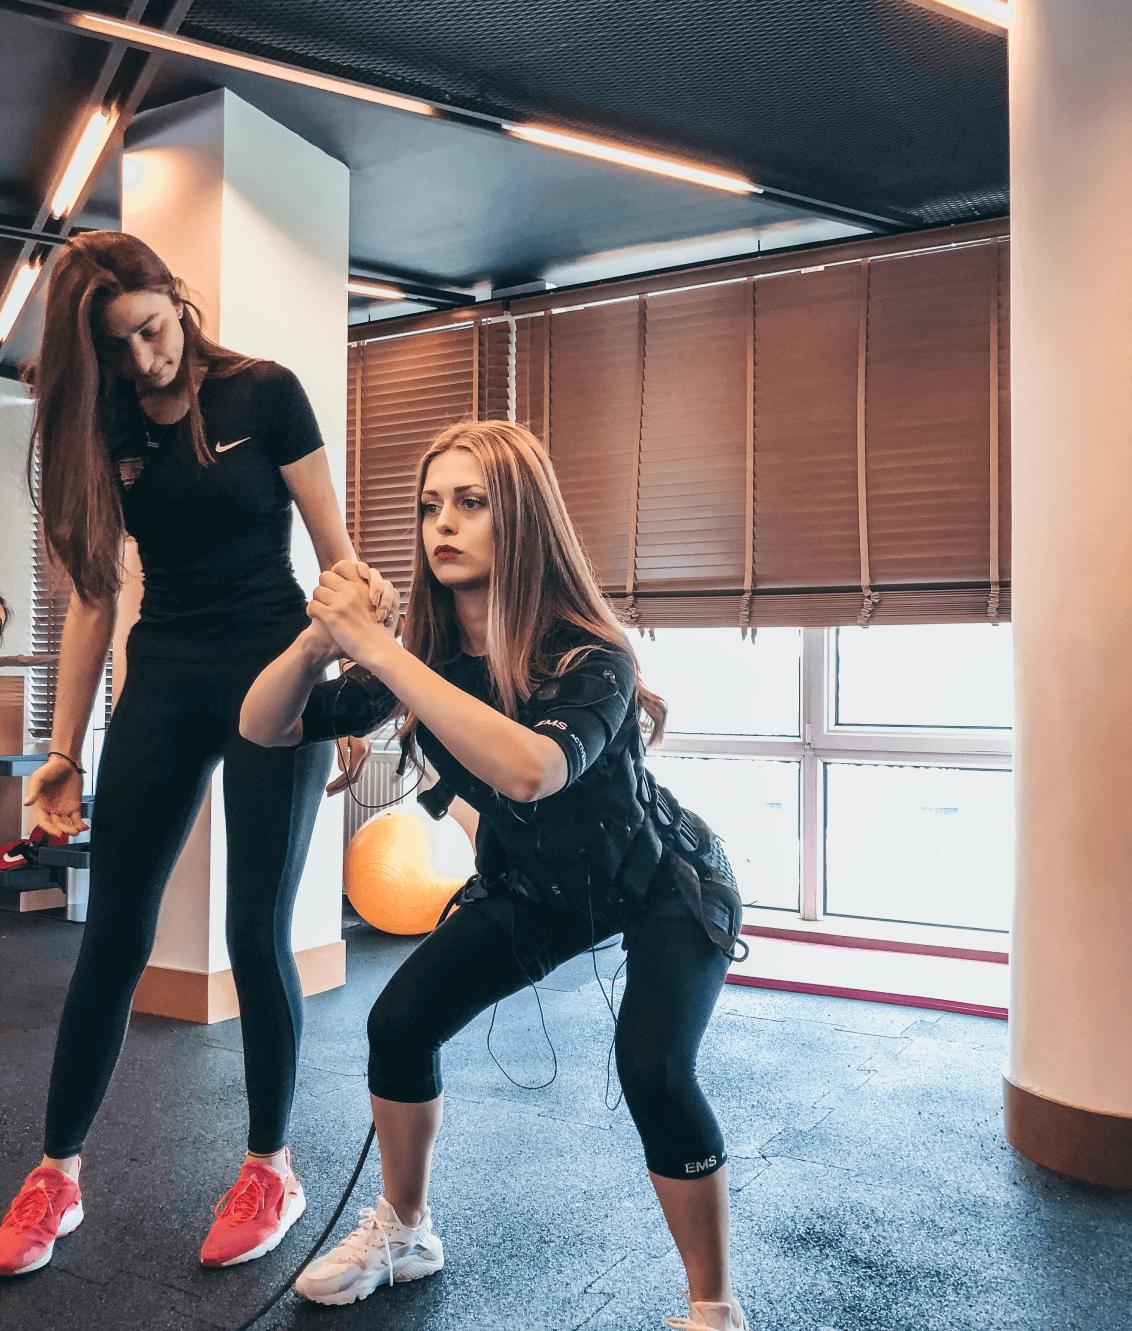 girls train